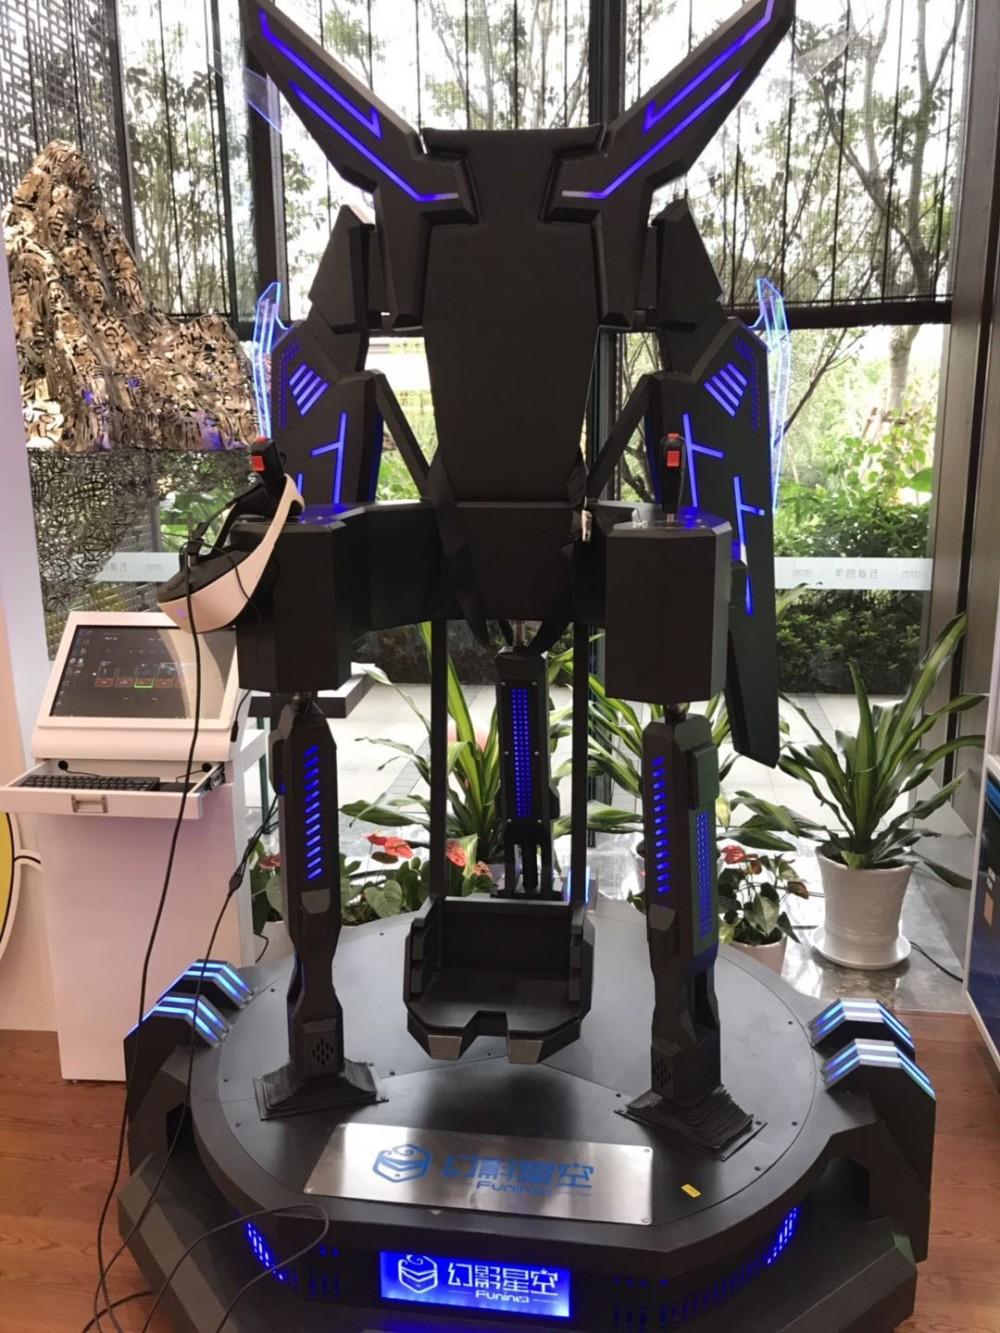 VR飞行器 VR360旋转飞行器设备租赁